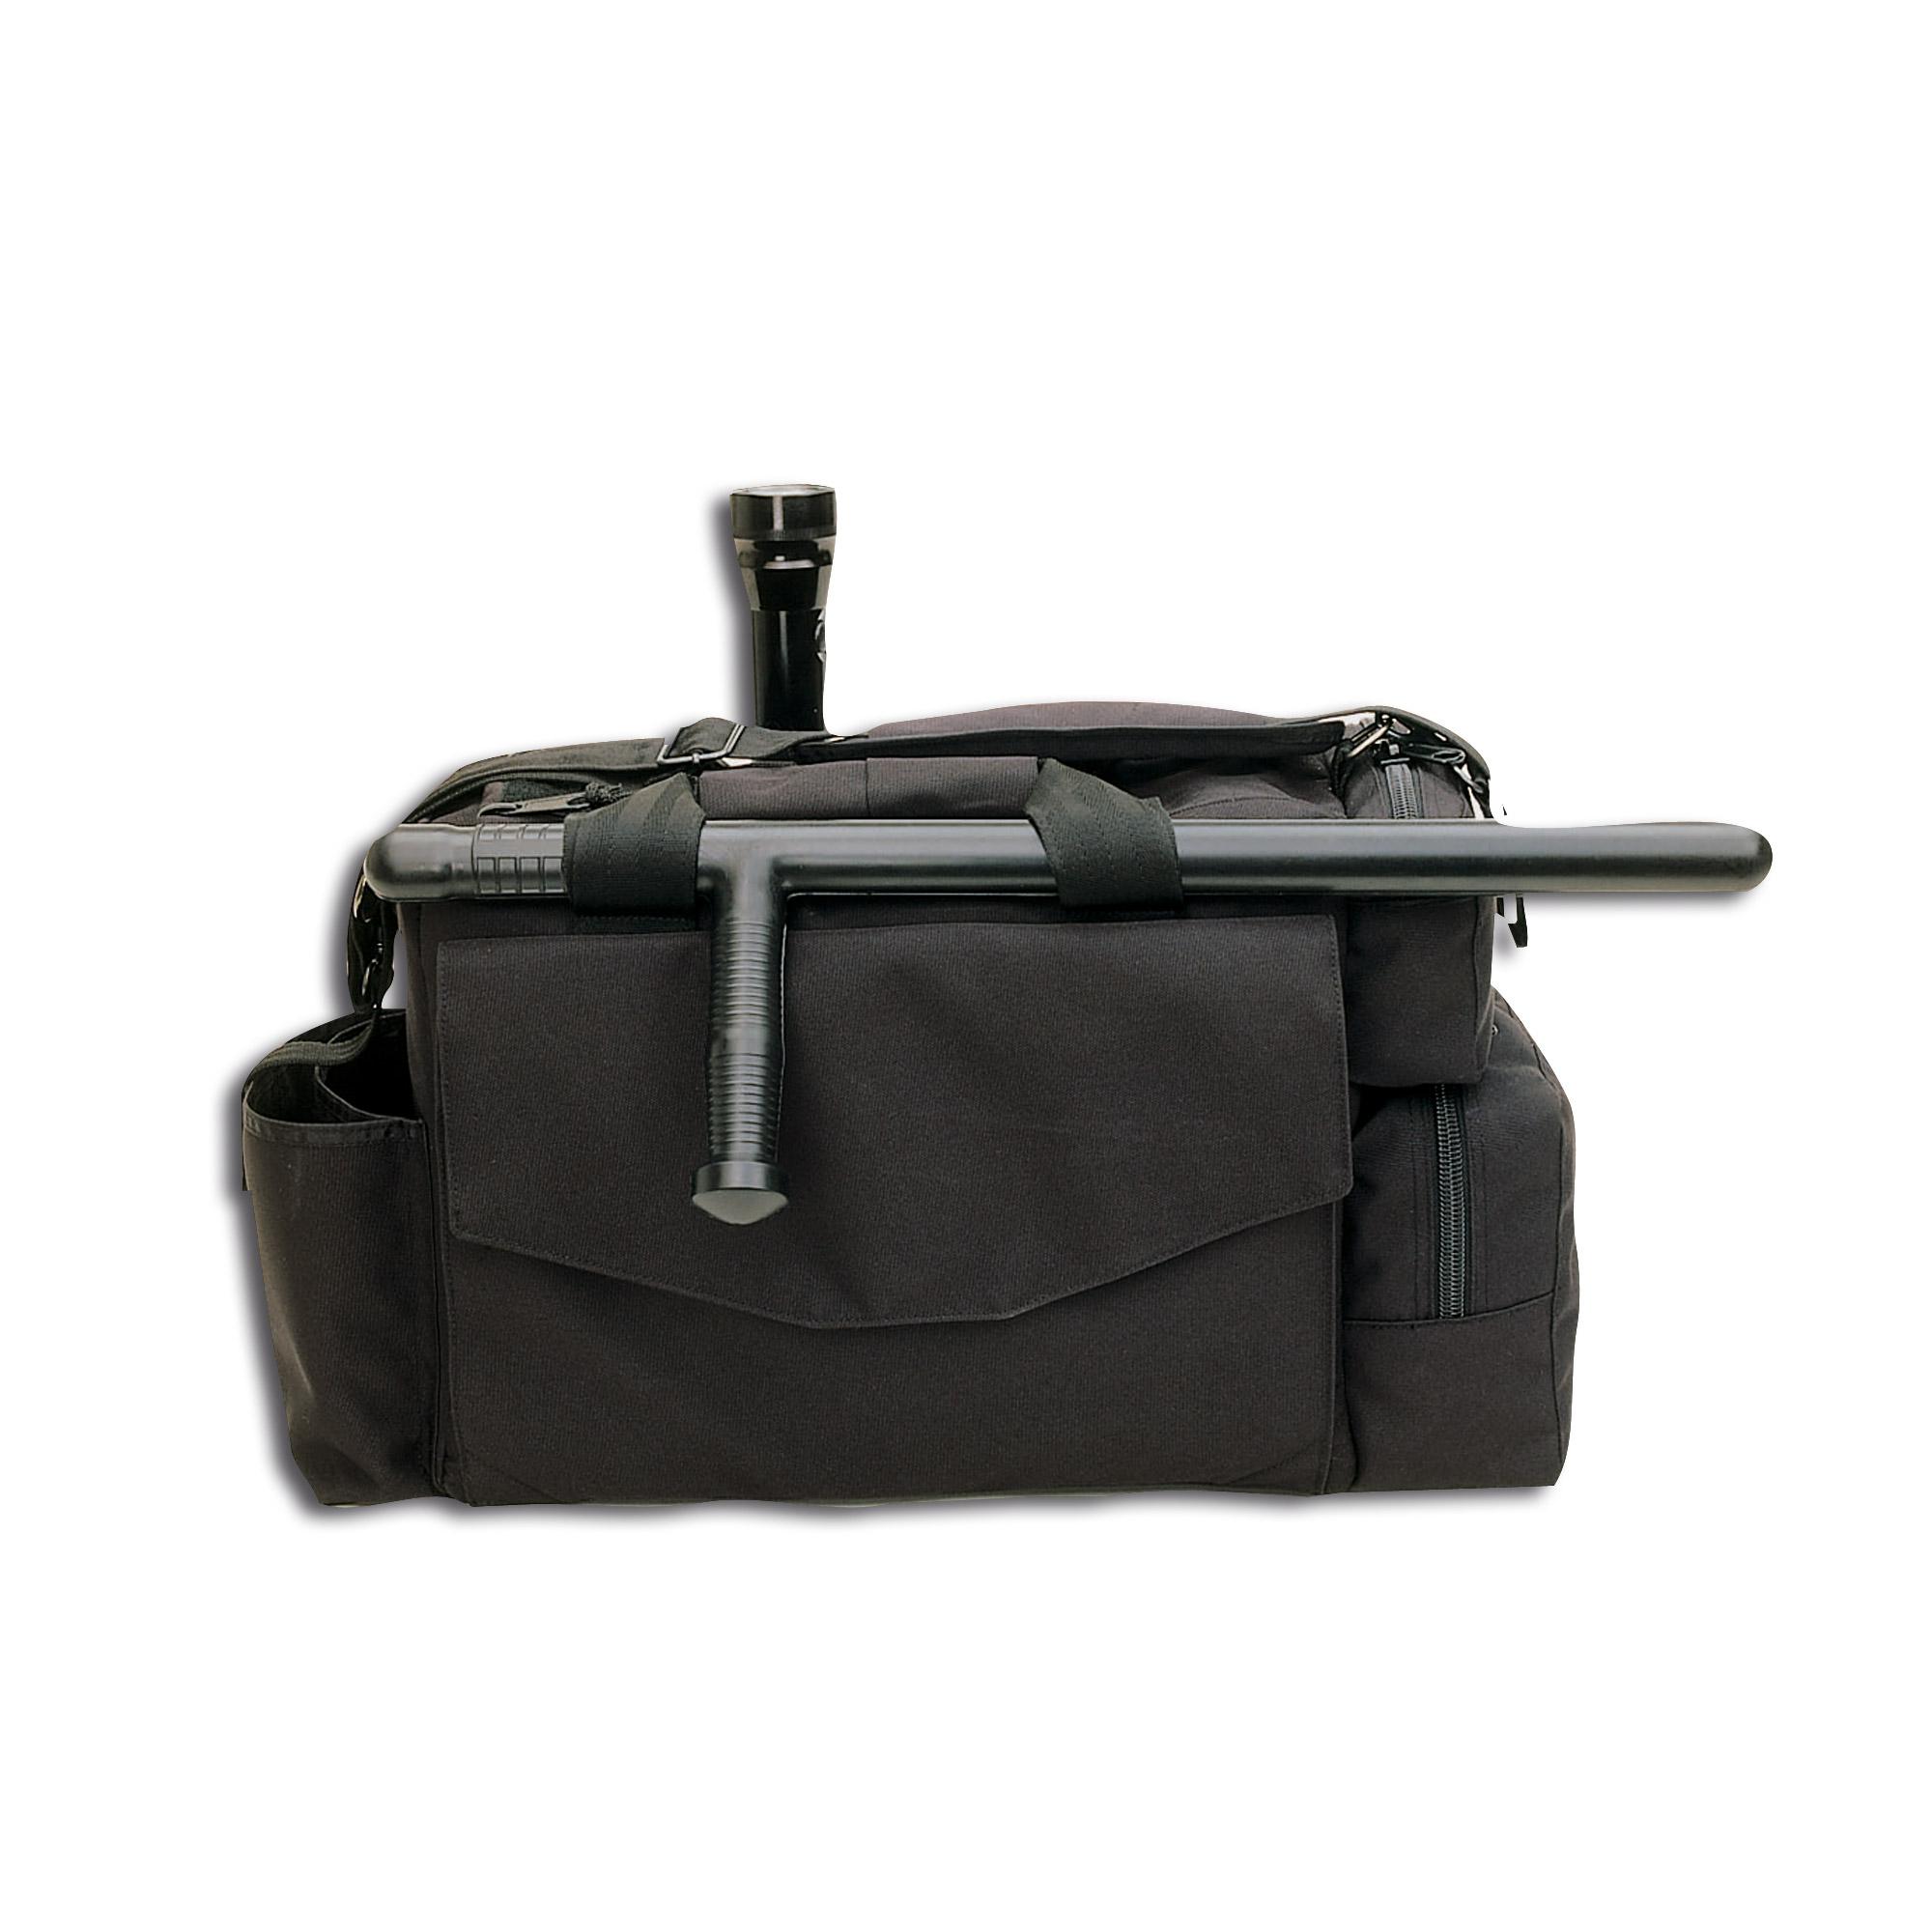 Police-Bag Mil-Tec